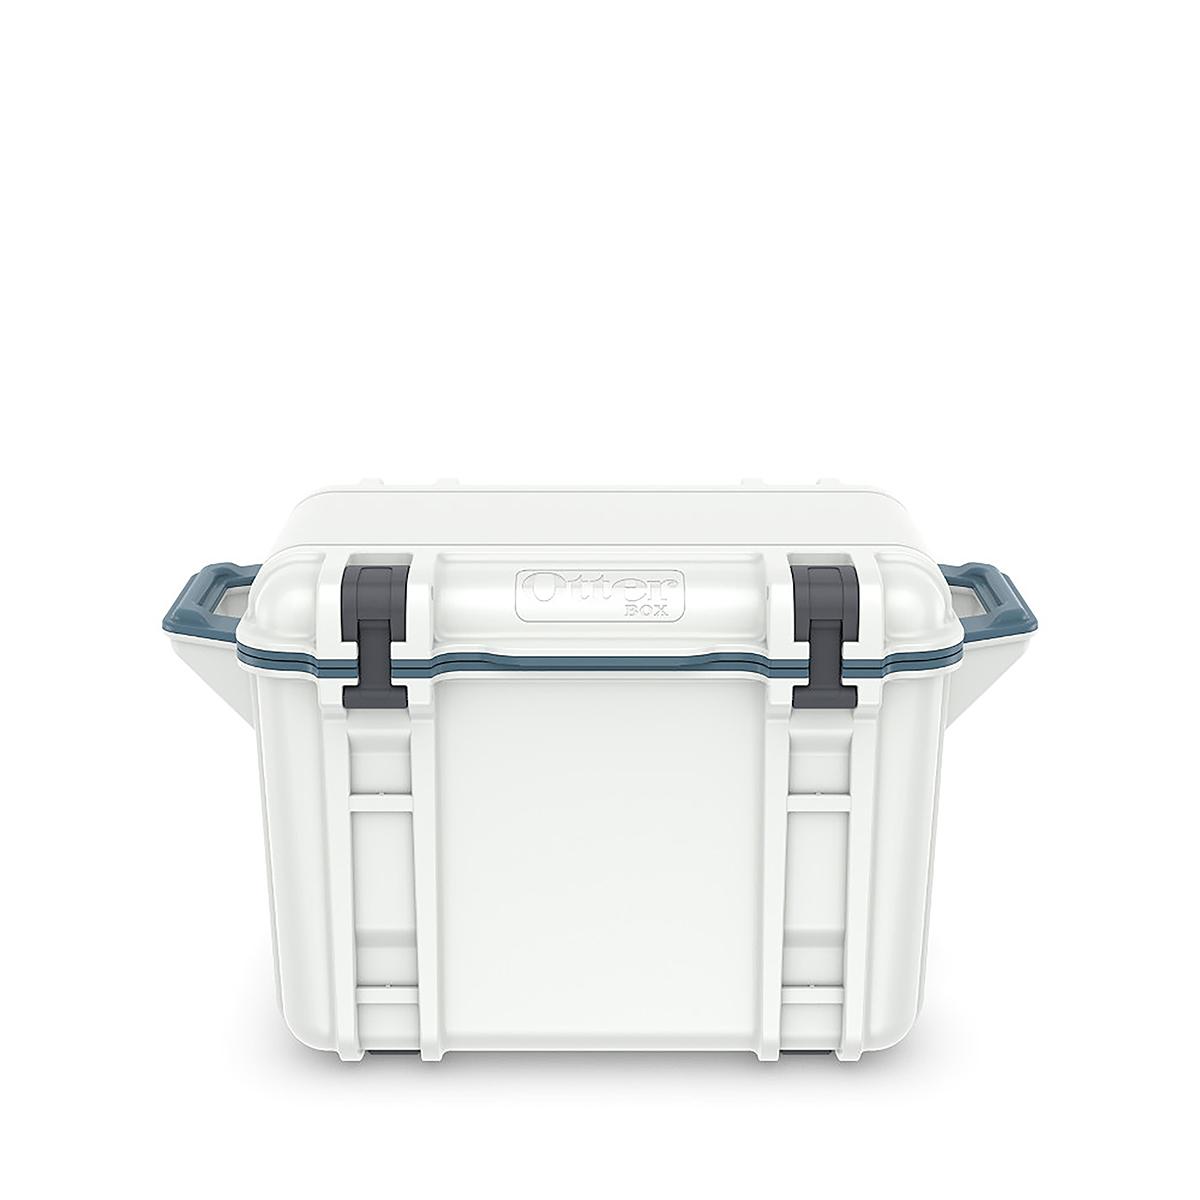 AIRMKT eCom PN XXXXXX Otter Box OB_Coolers_45Q_white-f WEB